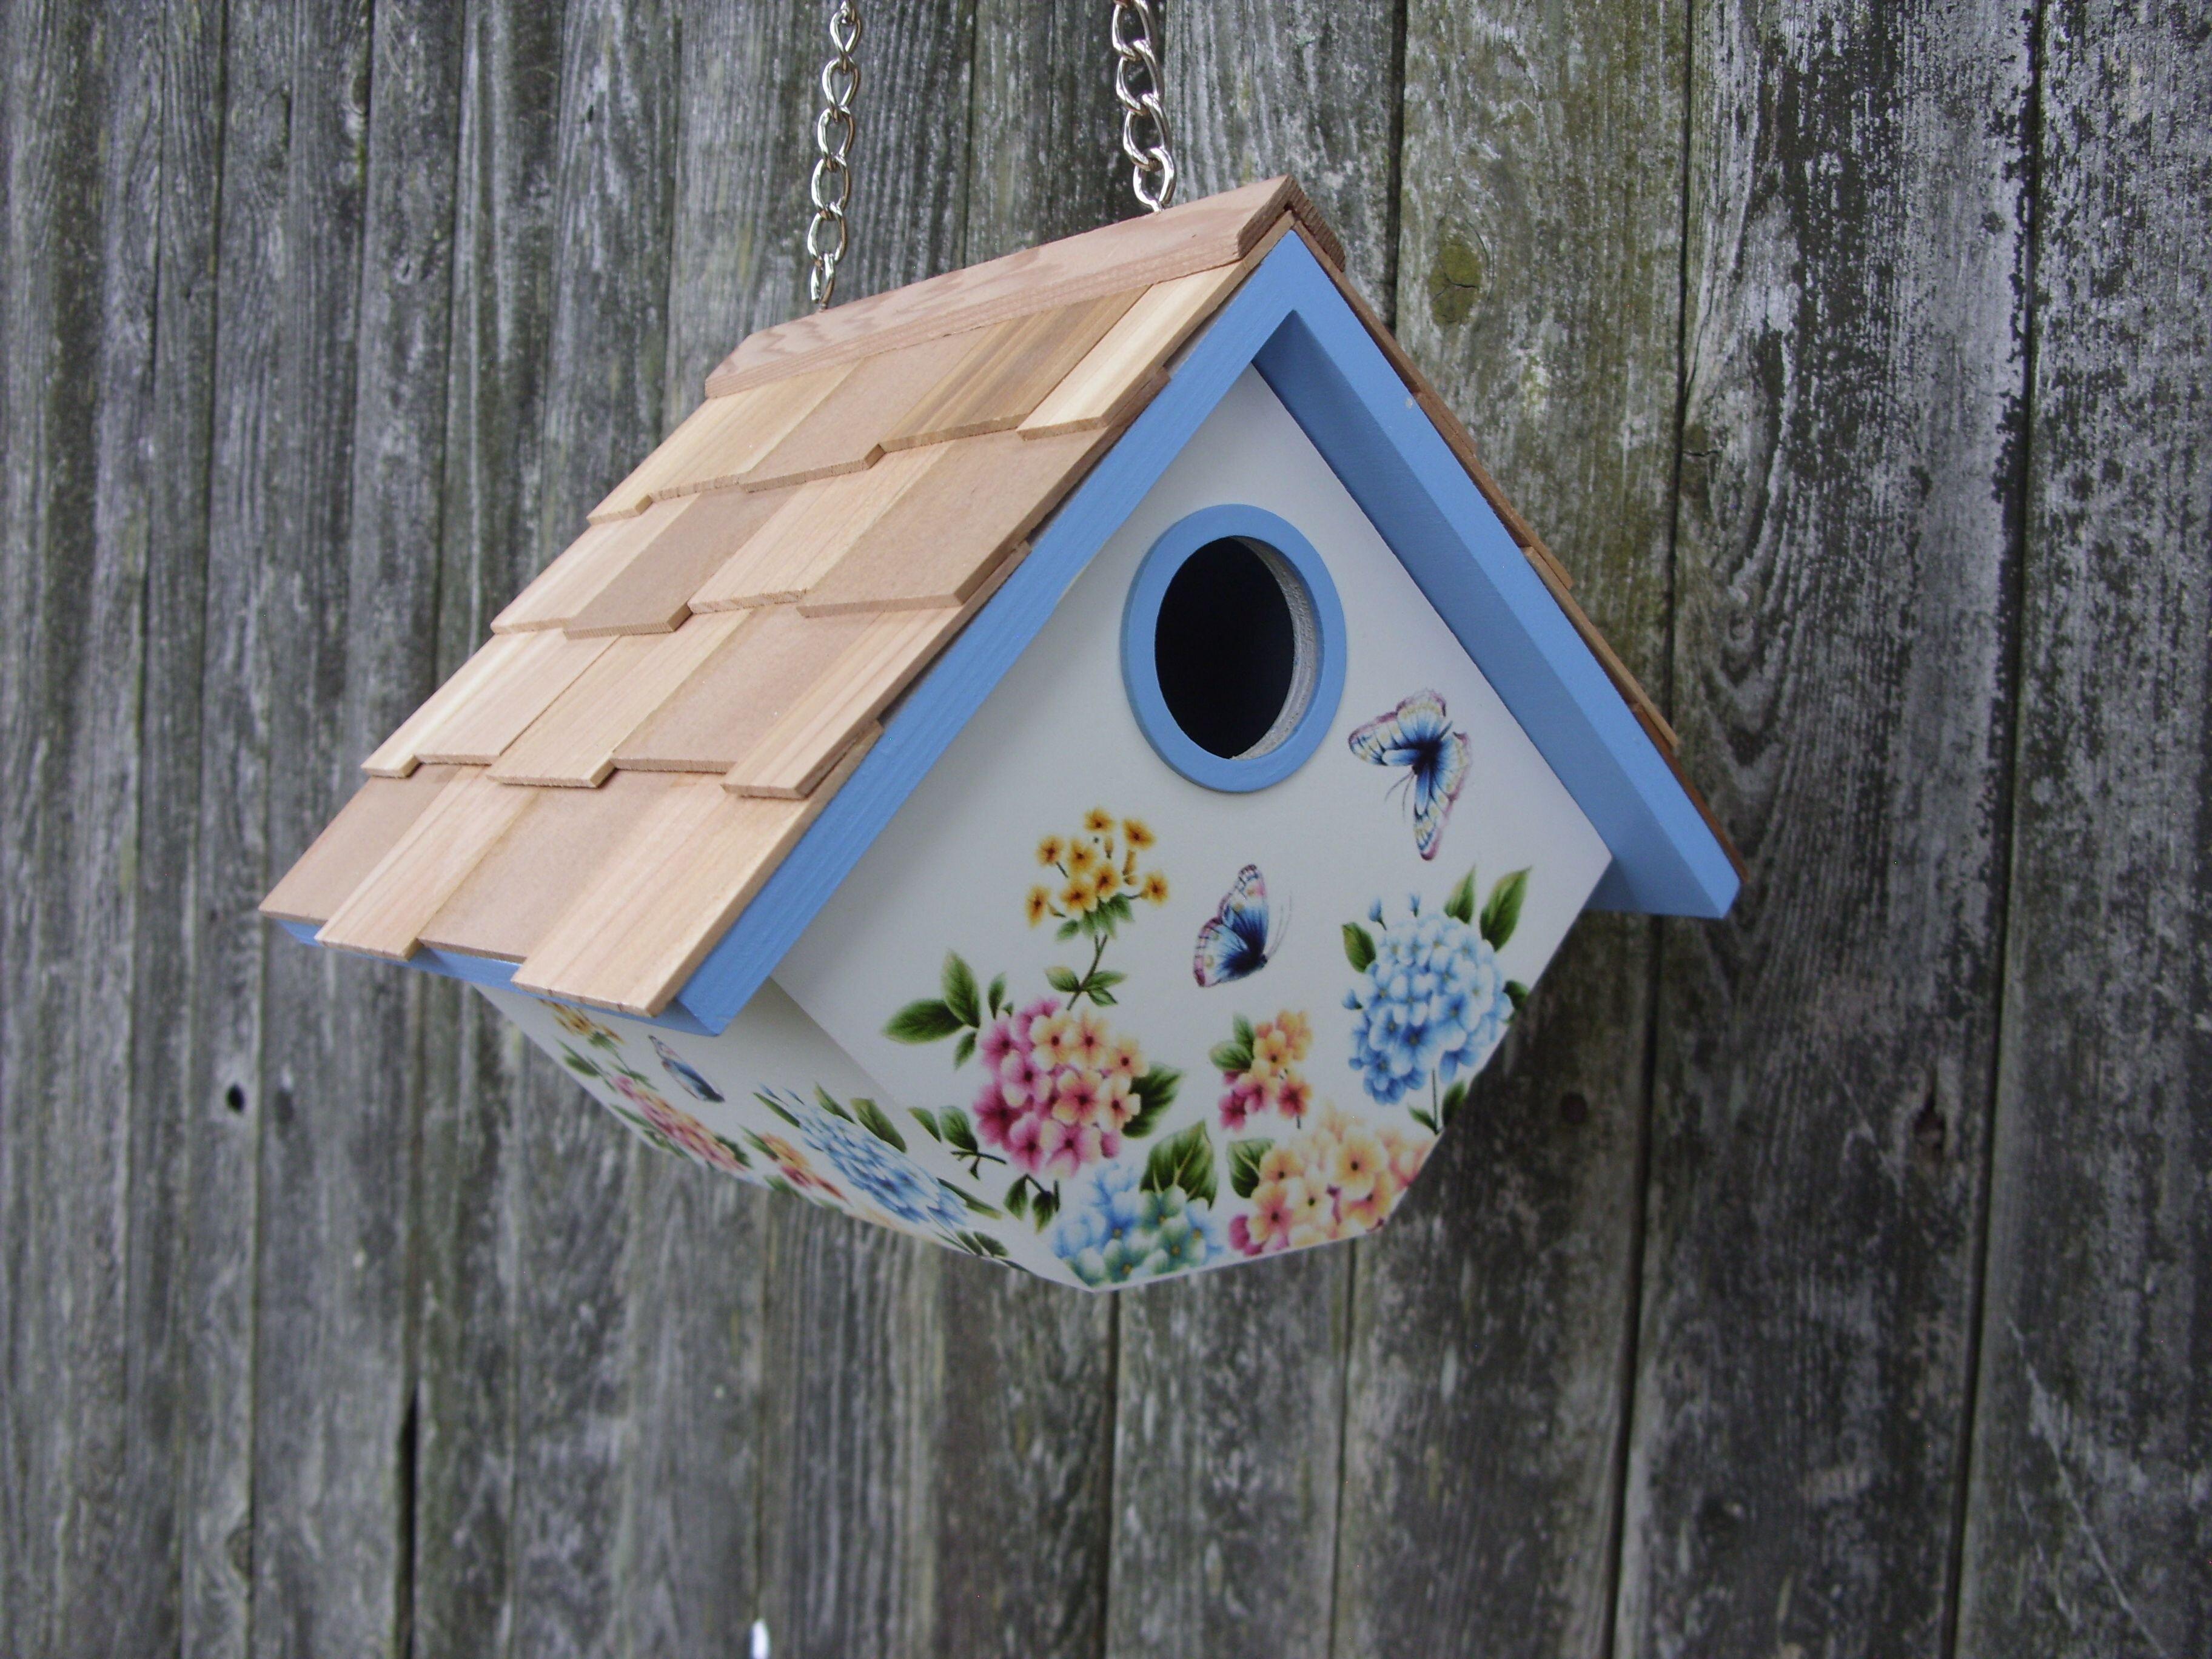 Home Bazaar Printed Hanging Wren House Hydrangea6 5in X 8 In X 6 5inbirdhouse Wayfair